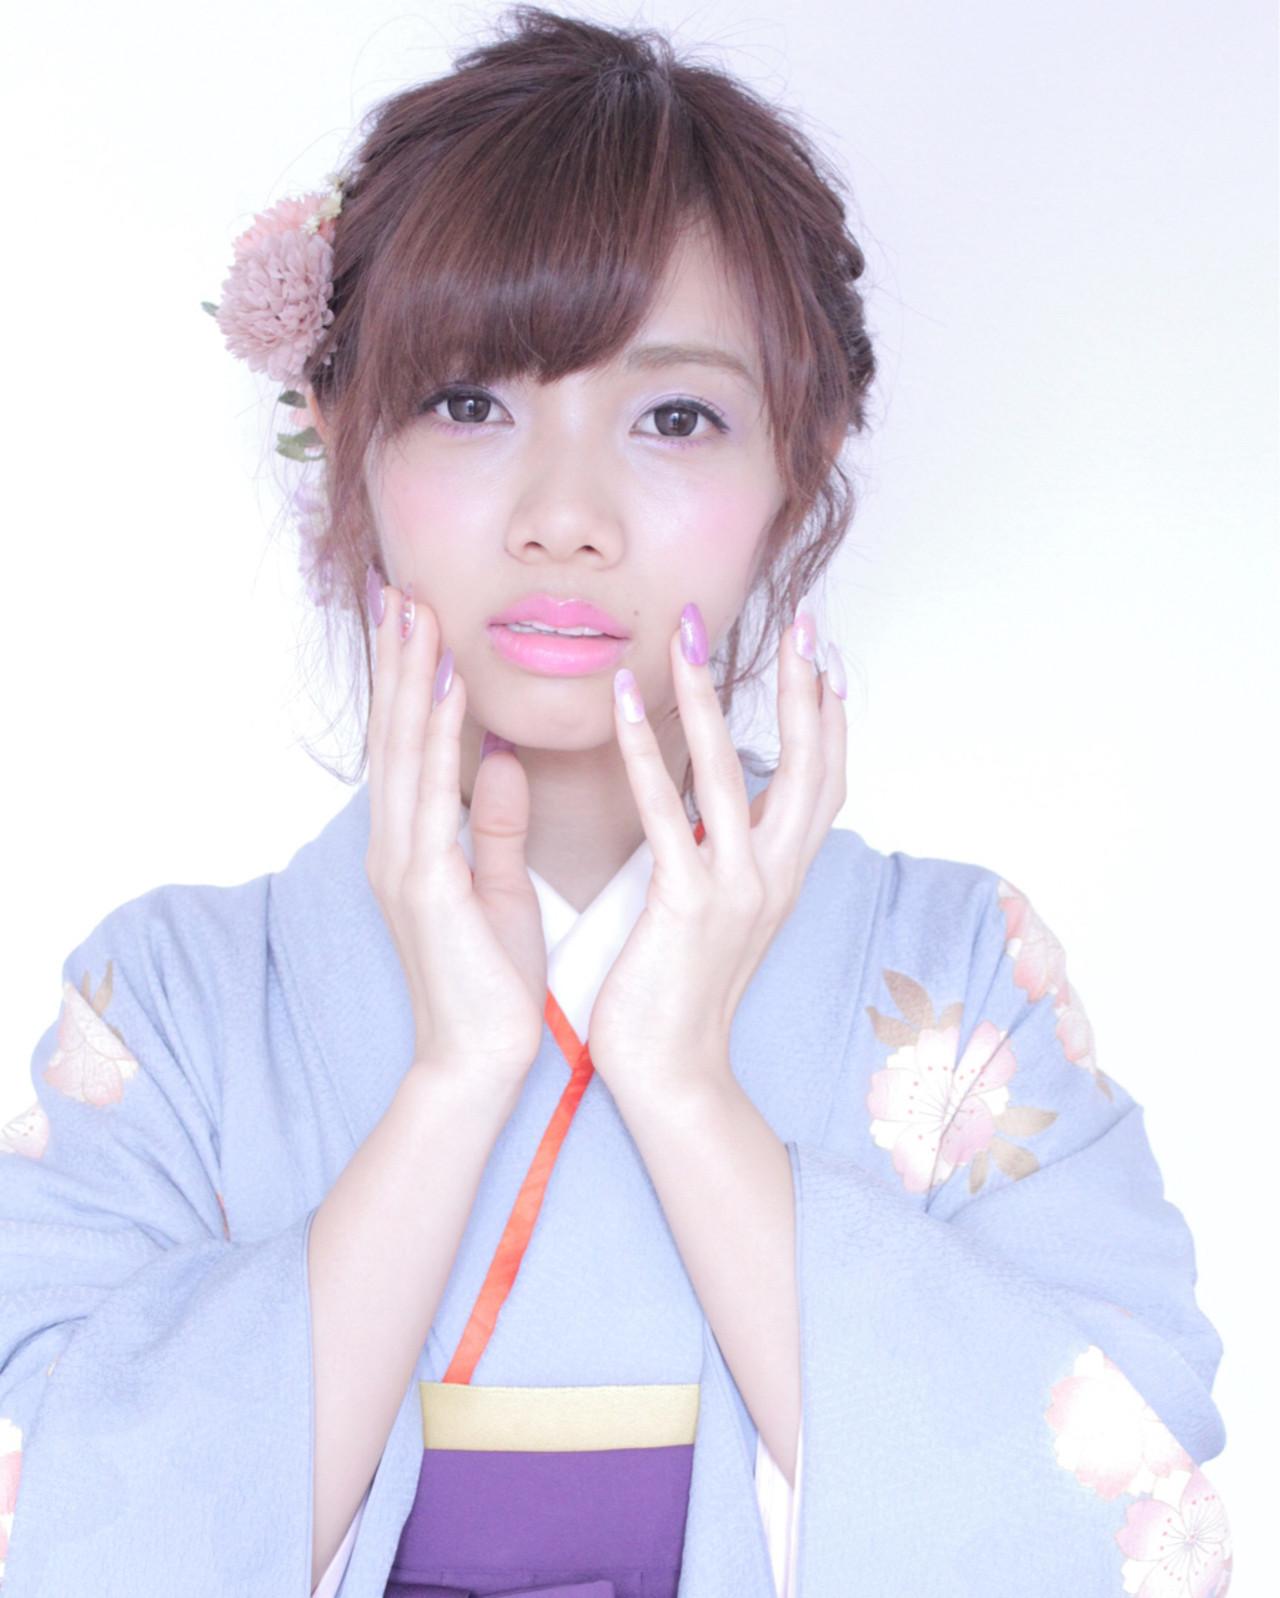 袴 ヘアアレンジ ボブ ガーリー ヘアスタイルや髪型の写真・画像 | 堂園知里 / hair Mission